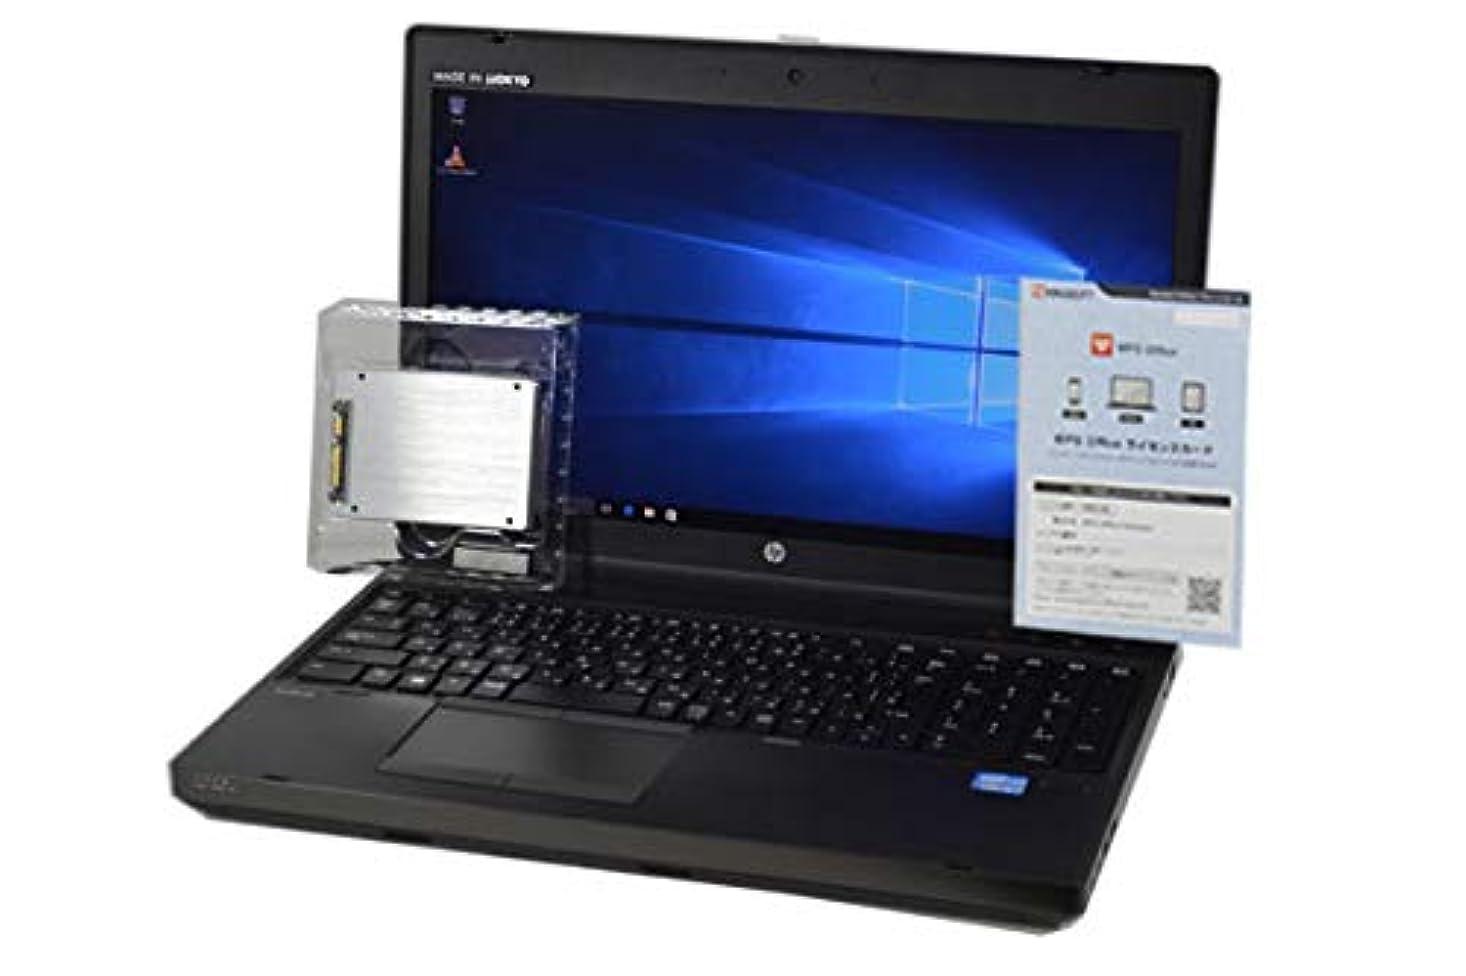 免疫する配るバンドルノートパソコン 【OFFICE搭載】 SSD 240GB (新品換装) HP ProBook 6570b 第3世代 Core i5 3210M HD+ (1600×900) 15.6インチ 4GB/240GB/DVDROM/WiFi対応無線LAN/Webカメラ/テンキー付フルキーボード/Windows 10